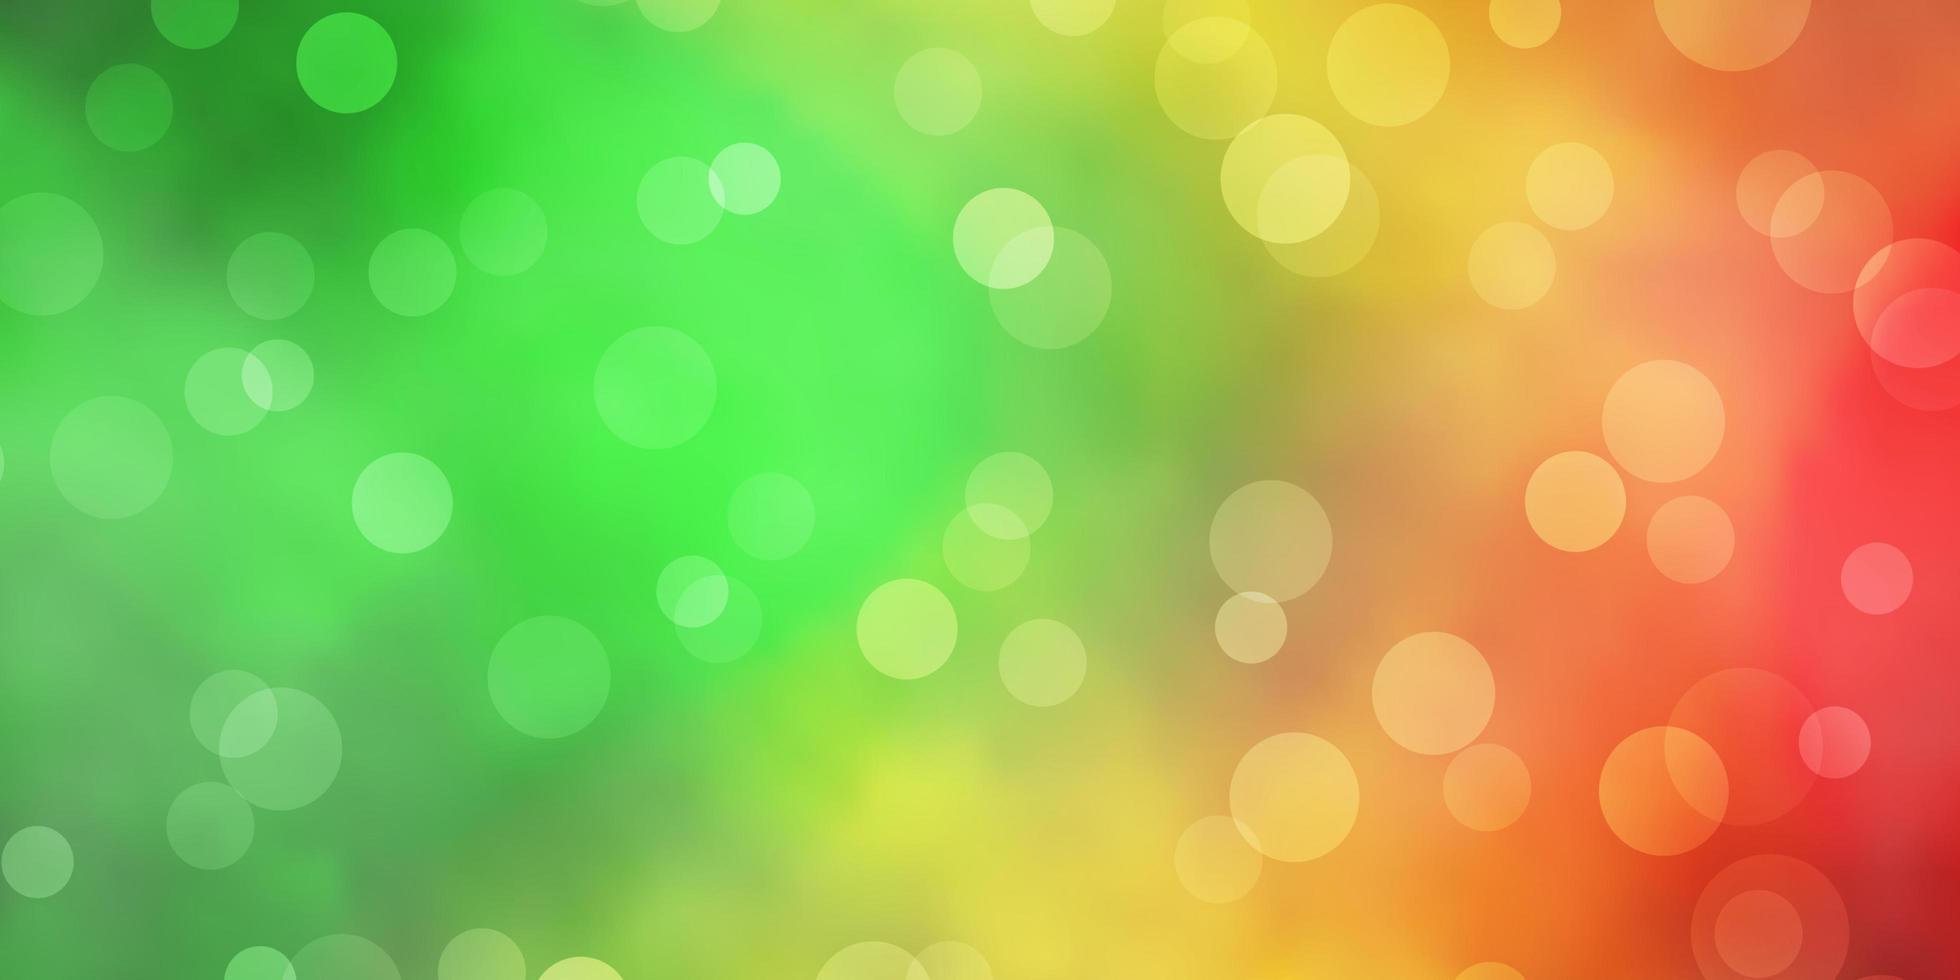 toile de fond de vecteur vert foncé, jaune avec des cercles.